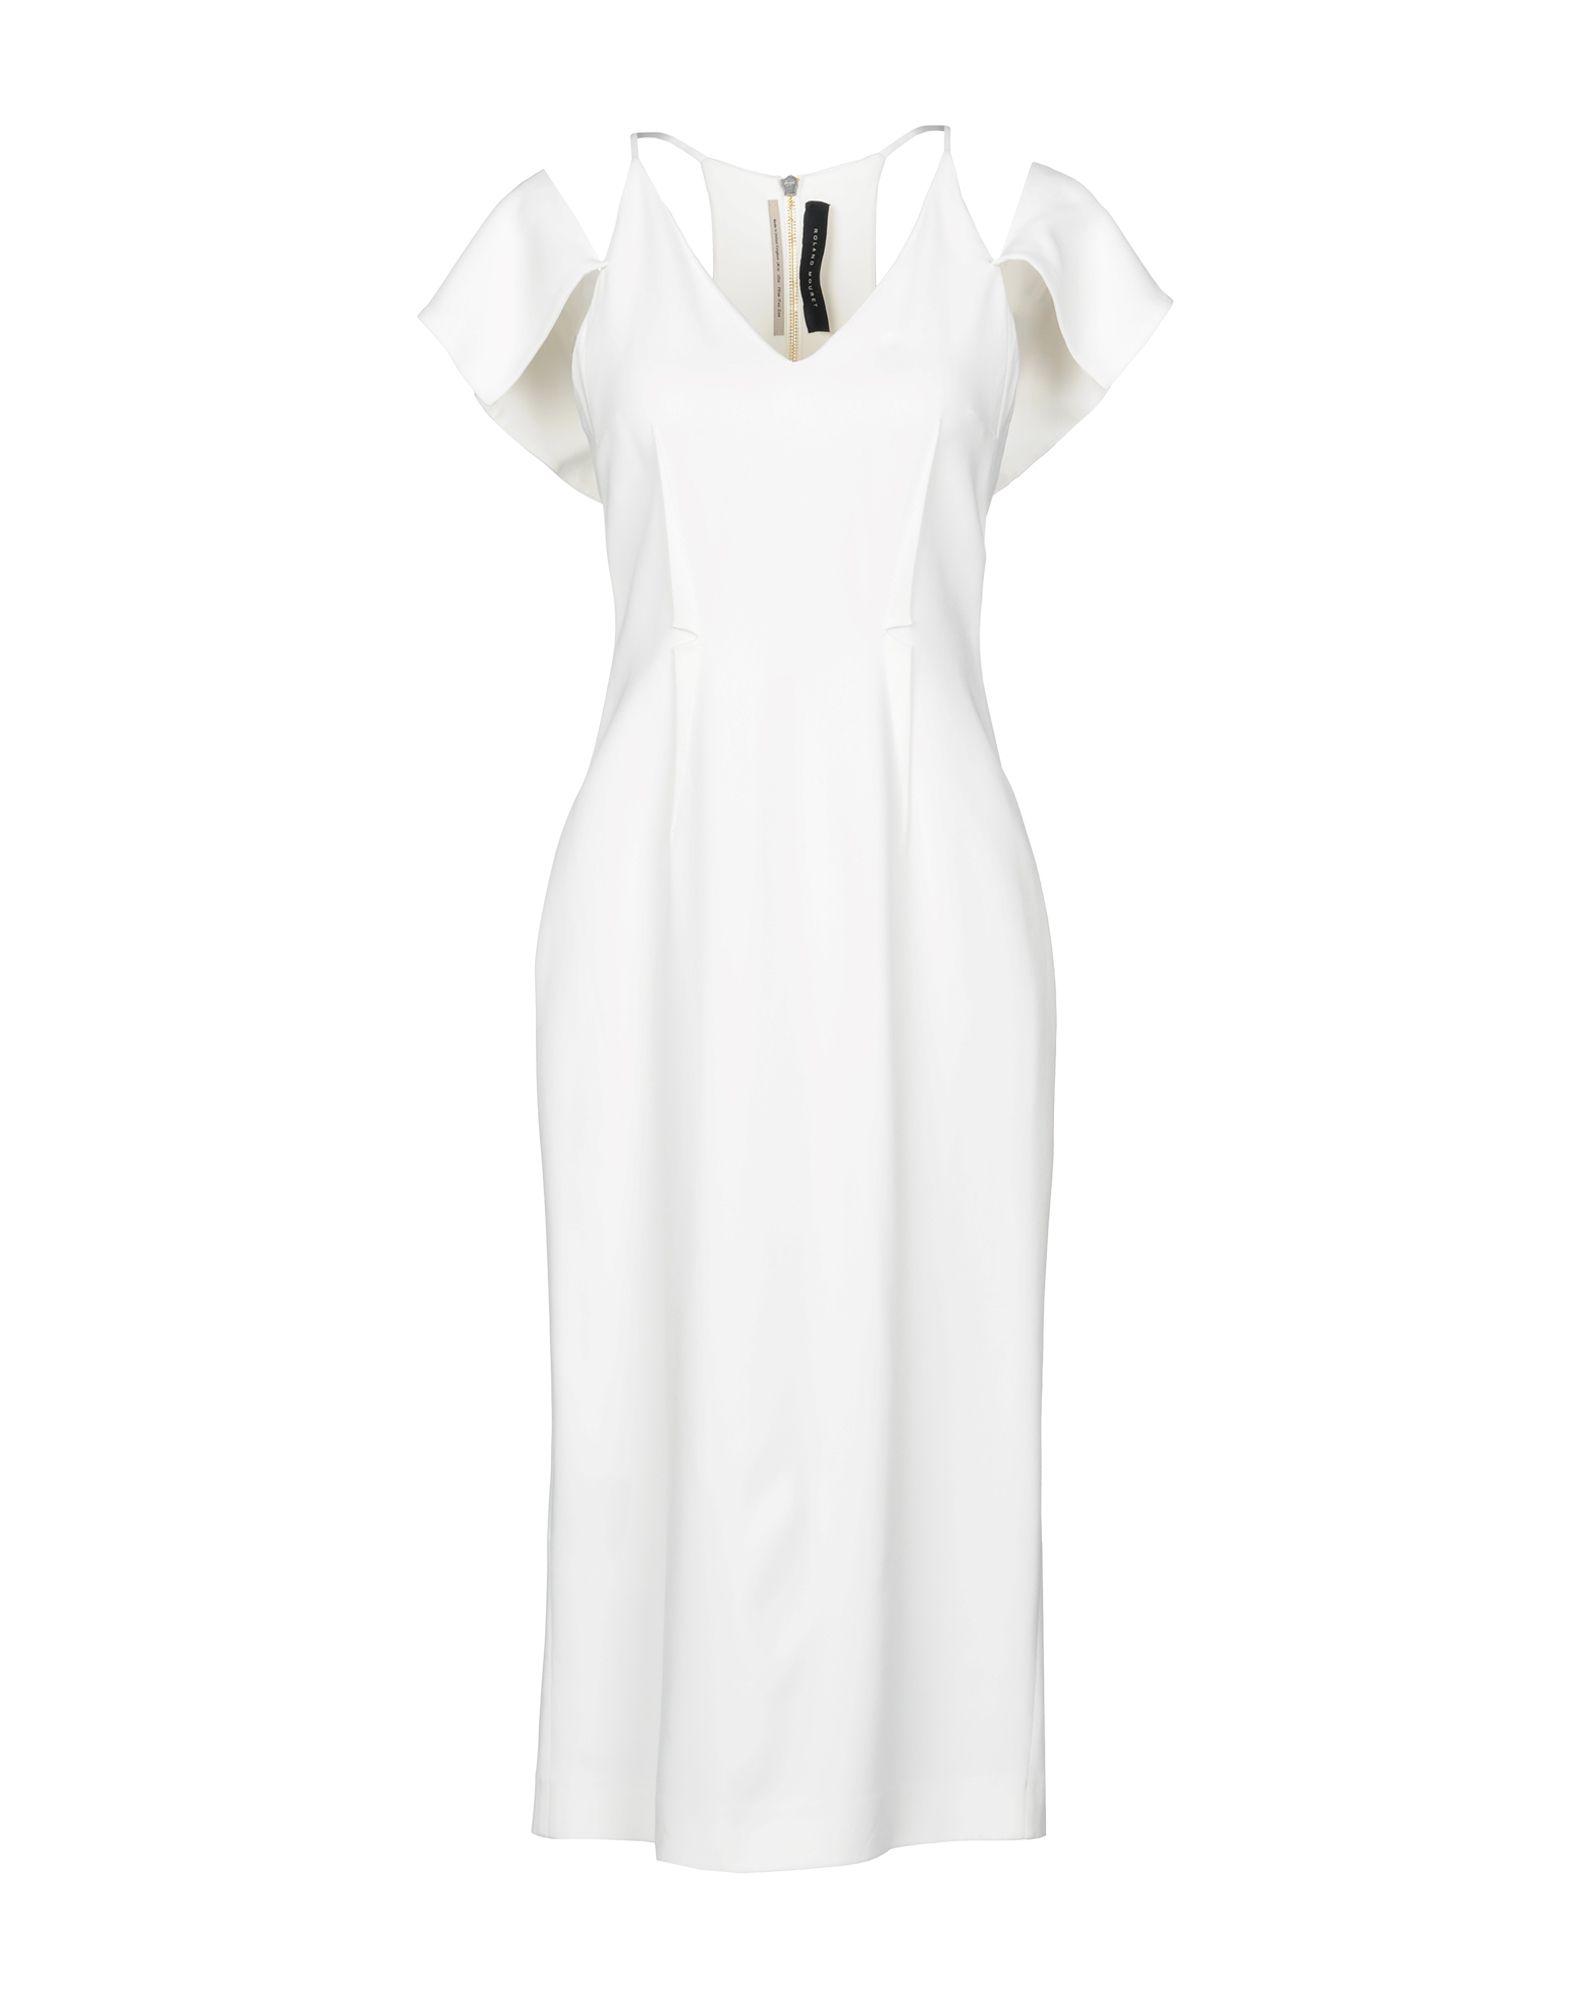 ROLAND MOURET Платье длиной 3/4 терка regent inox presto шестигранная цвет чёрный красный стальной 21 см 93 ac gr 45